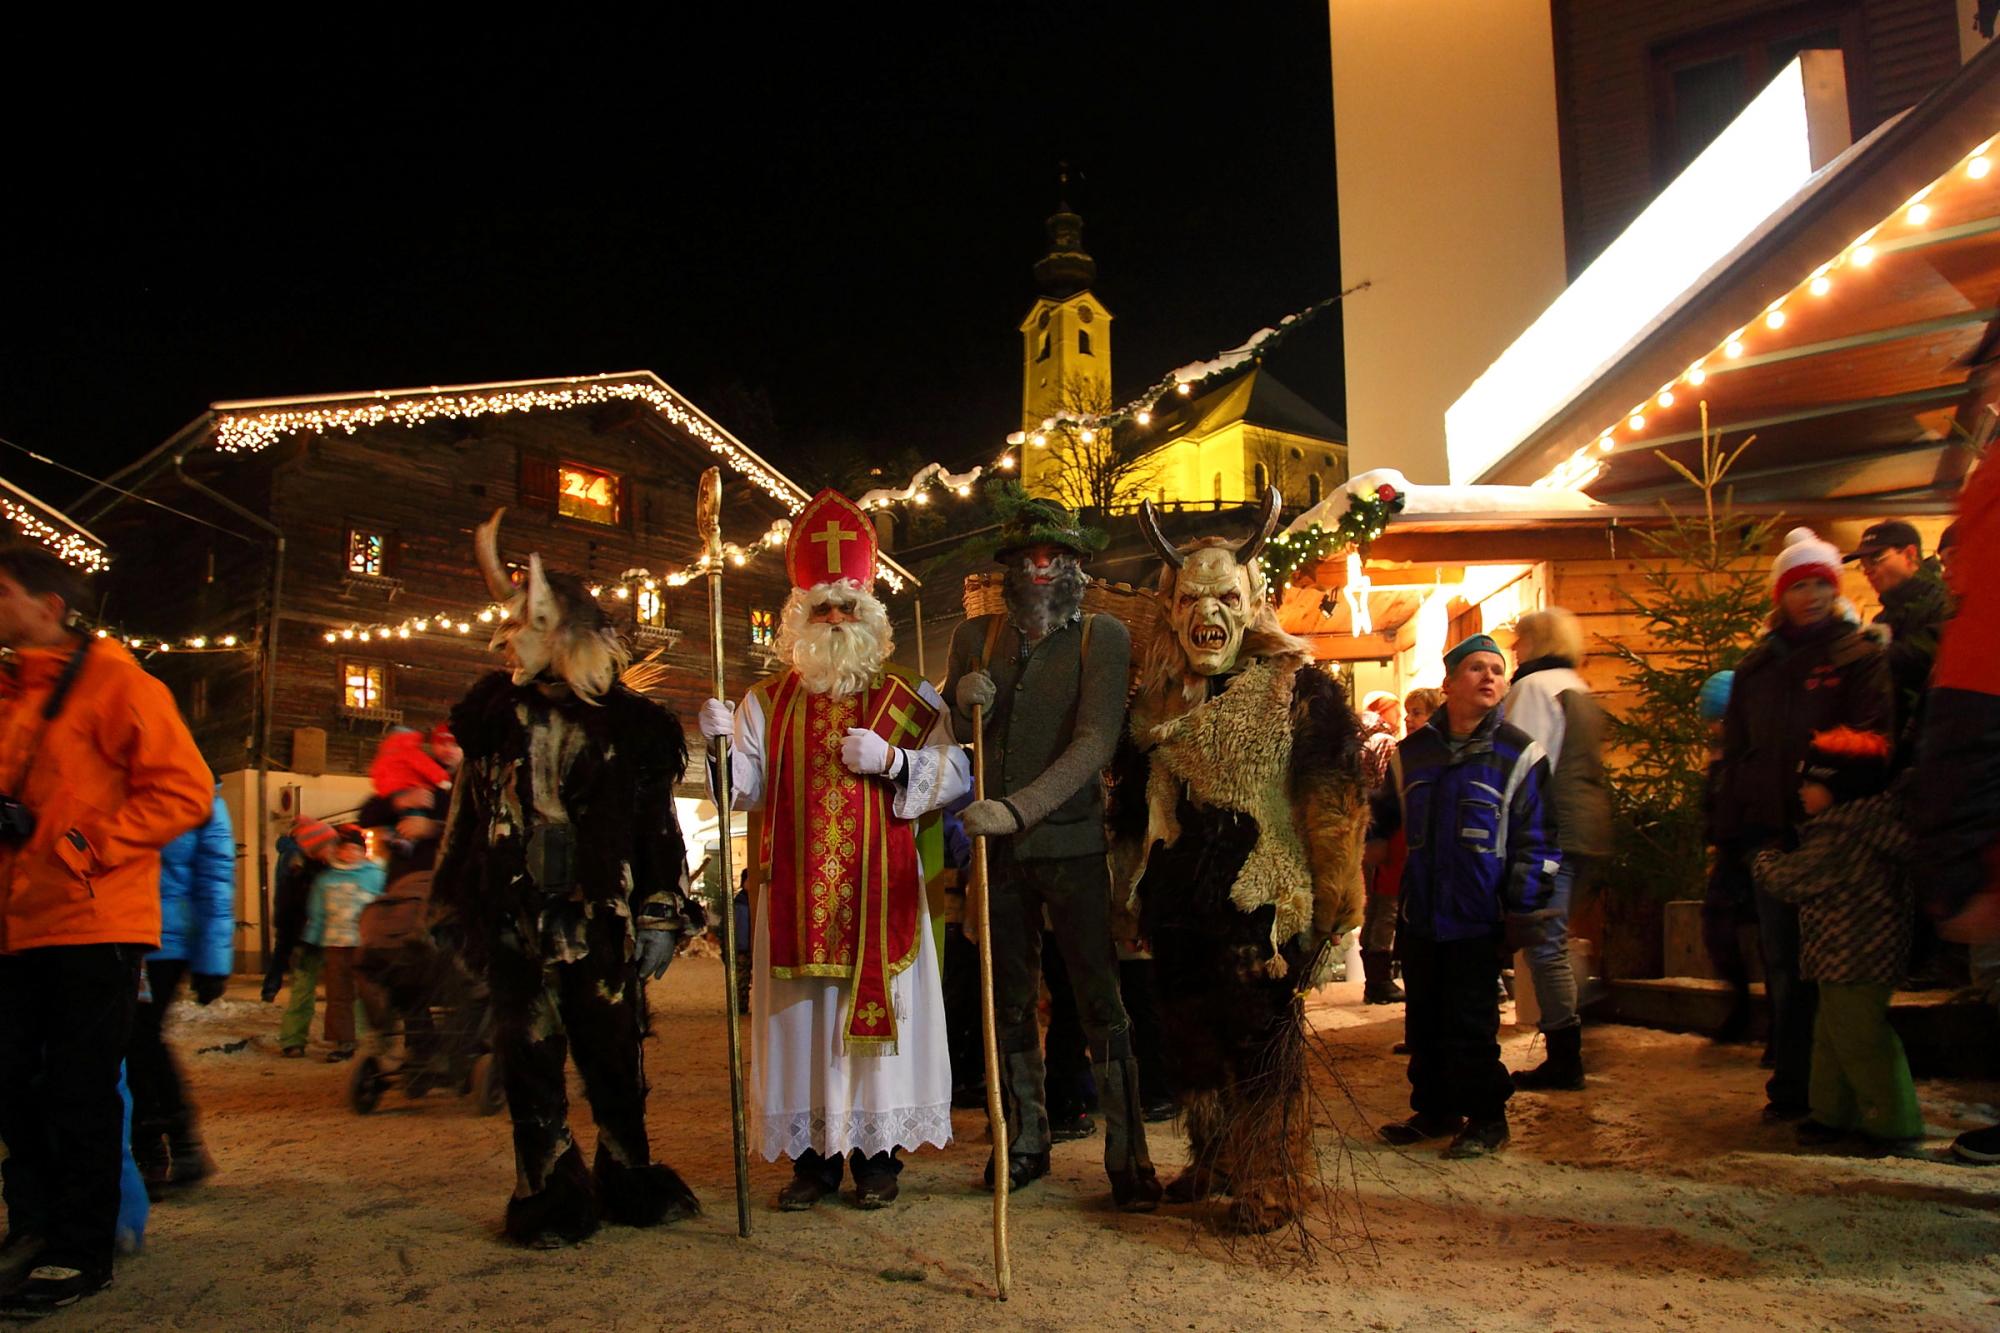 Krampus, Perchten e San Nikolaus a Grossarl